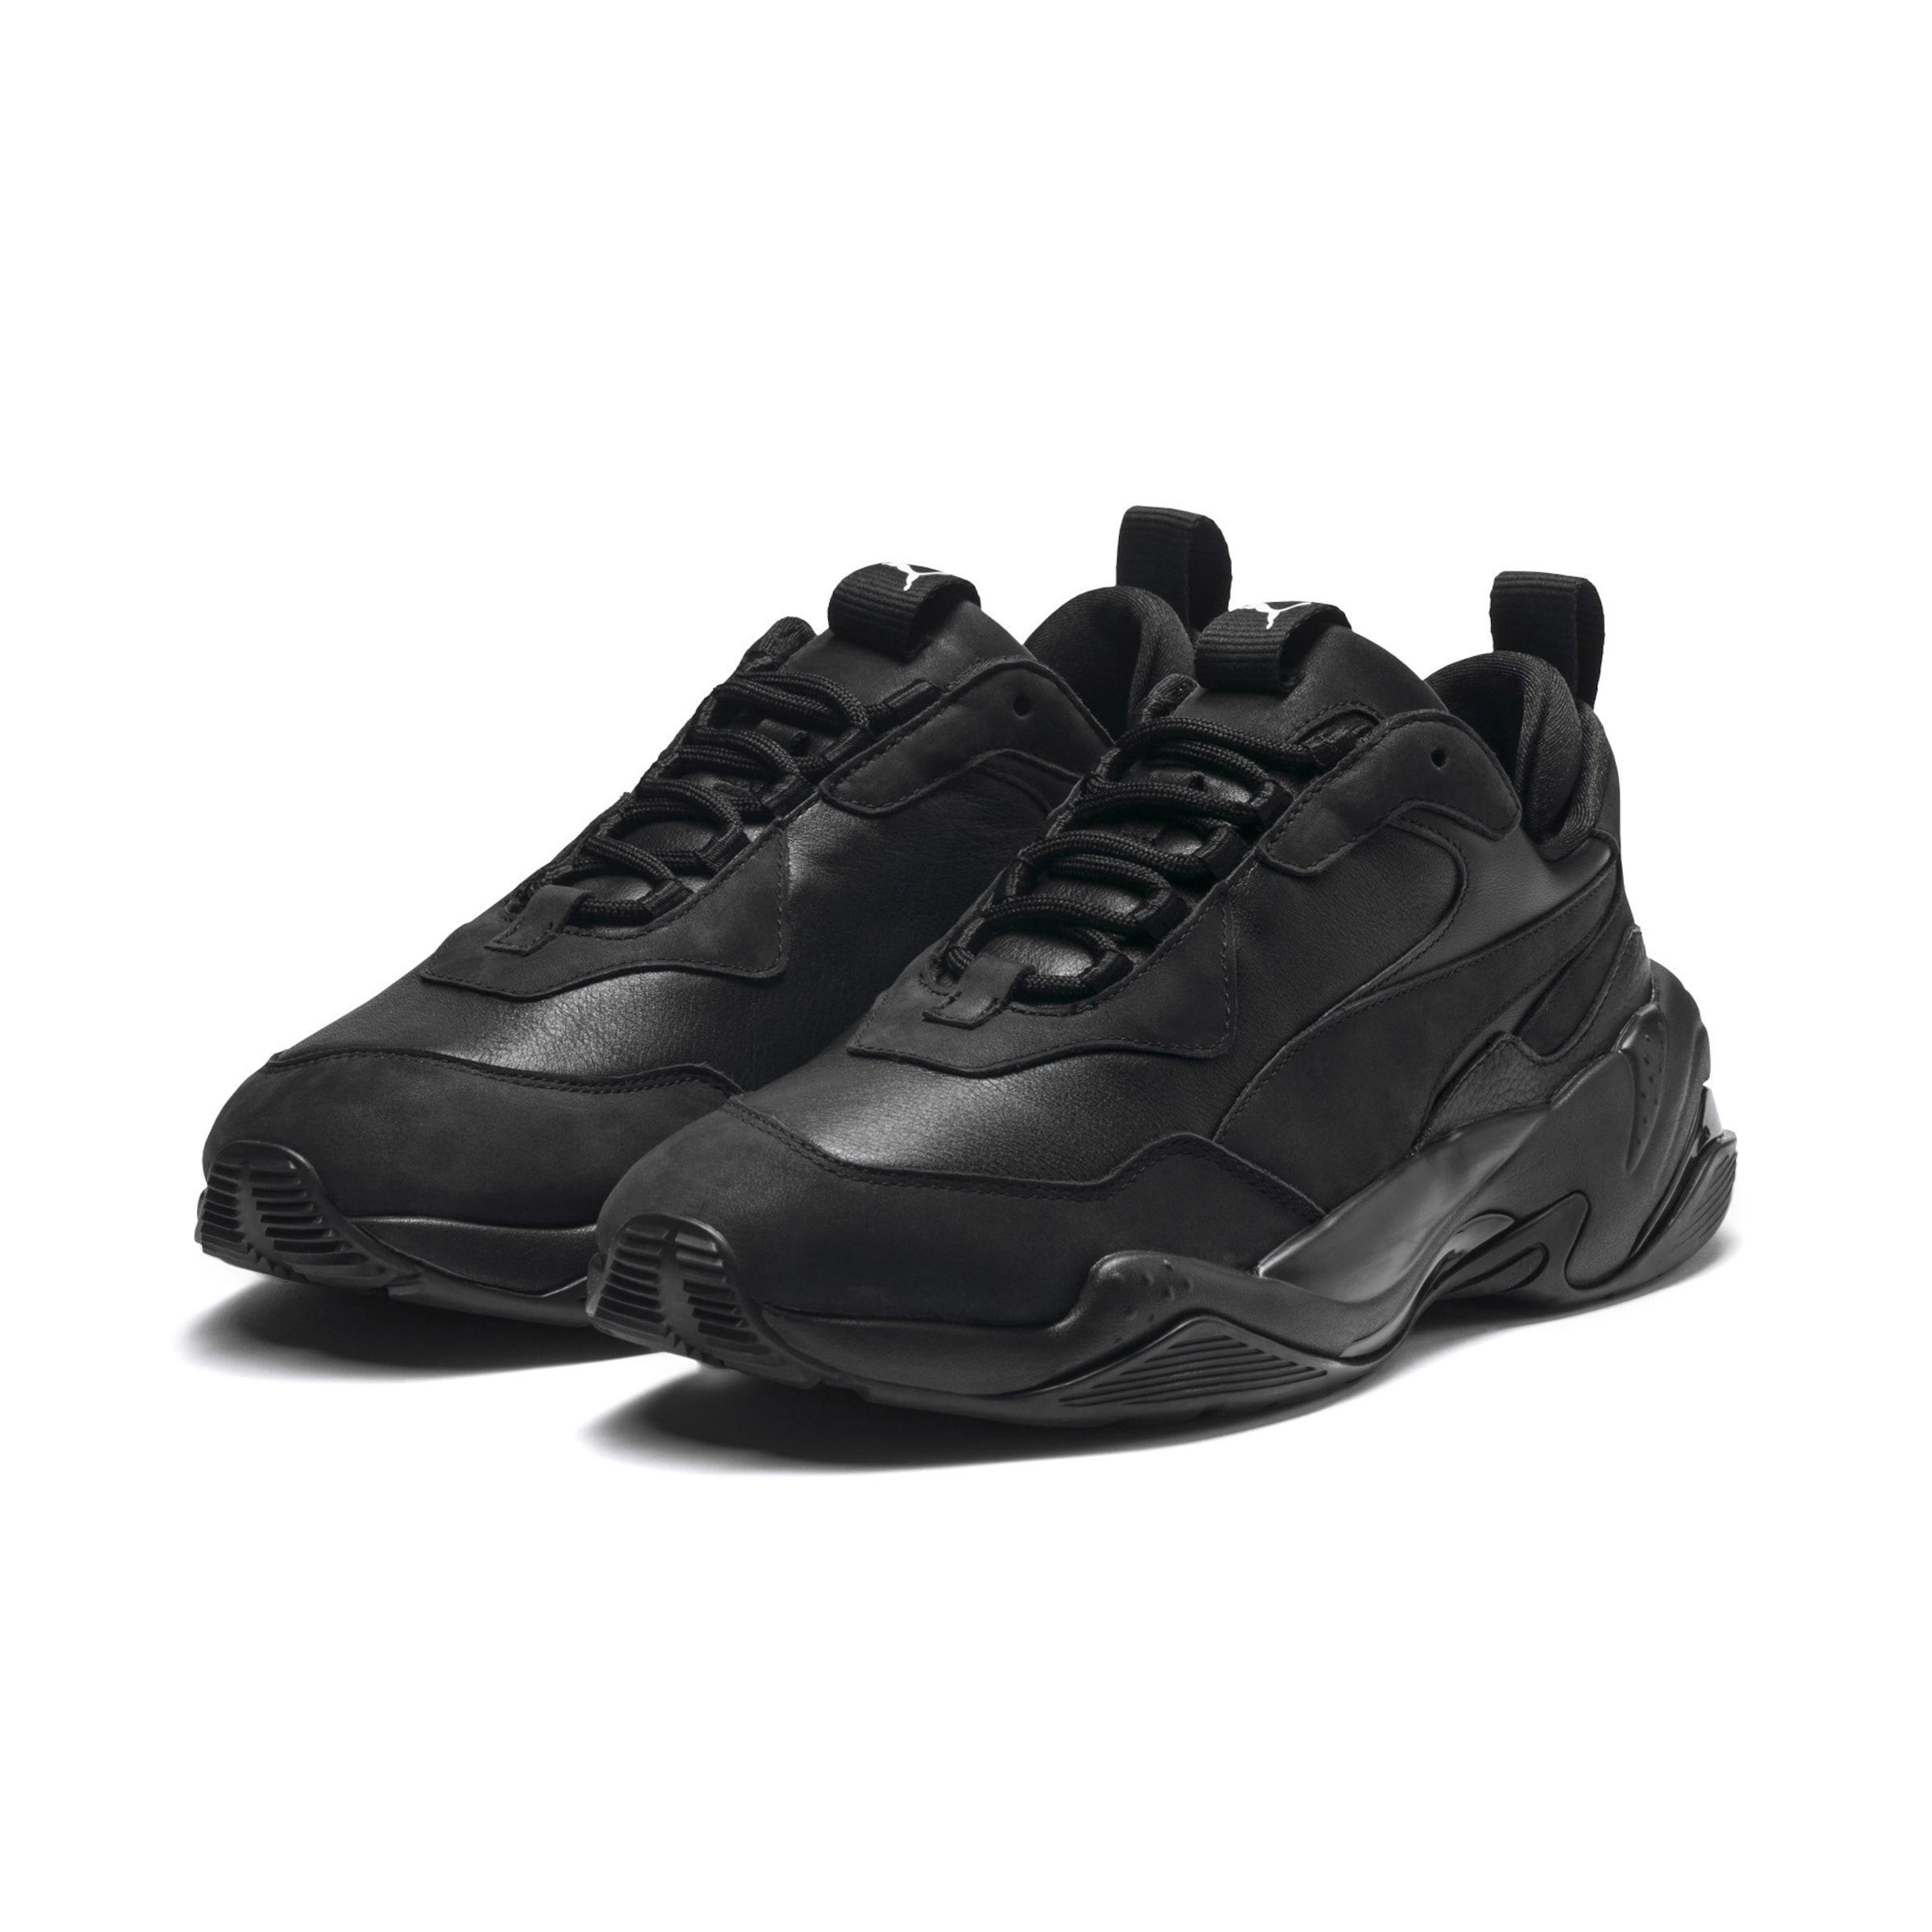 Schwarz Sneaker In 'thunder' 'thunder' Schwarz Puma Puma Puma Sneaker In wPNnyvm80O